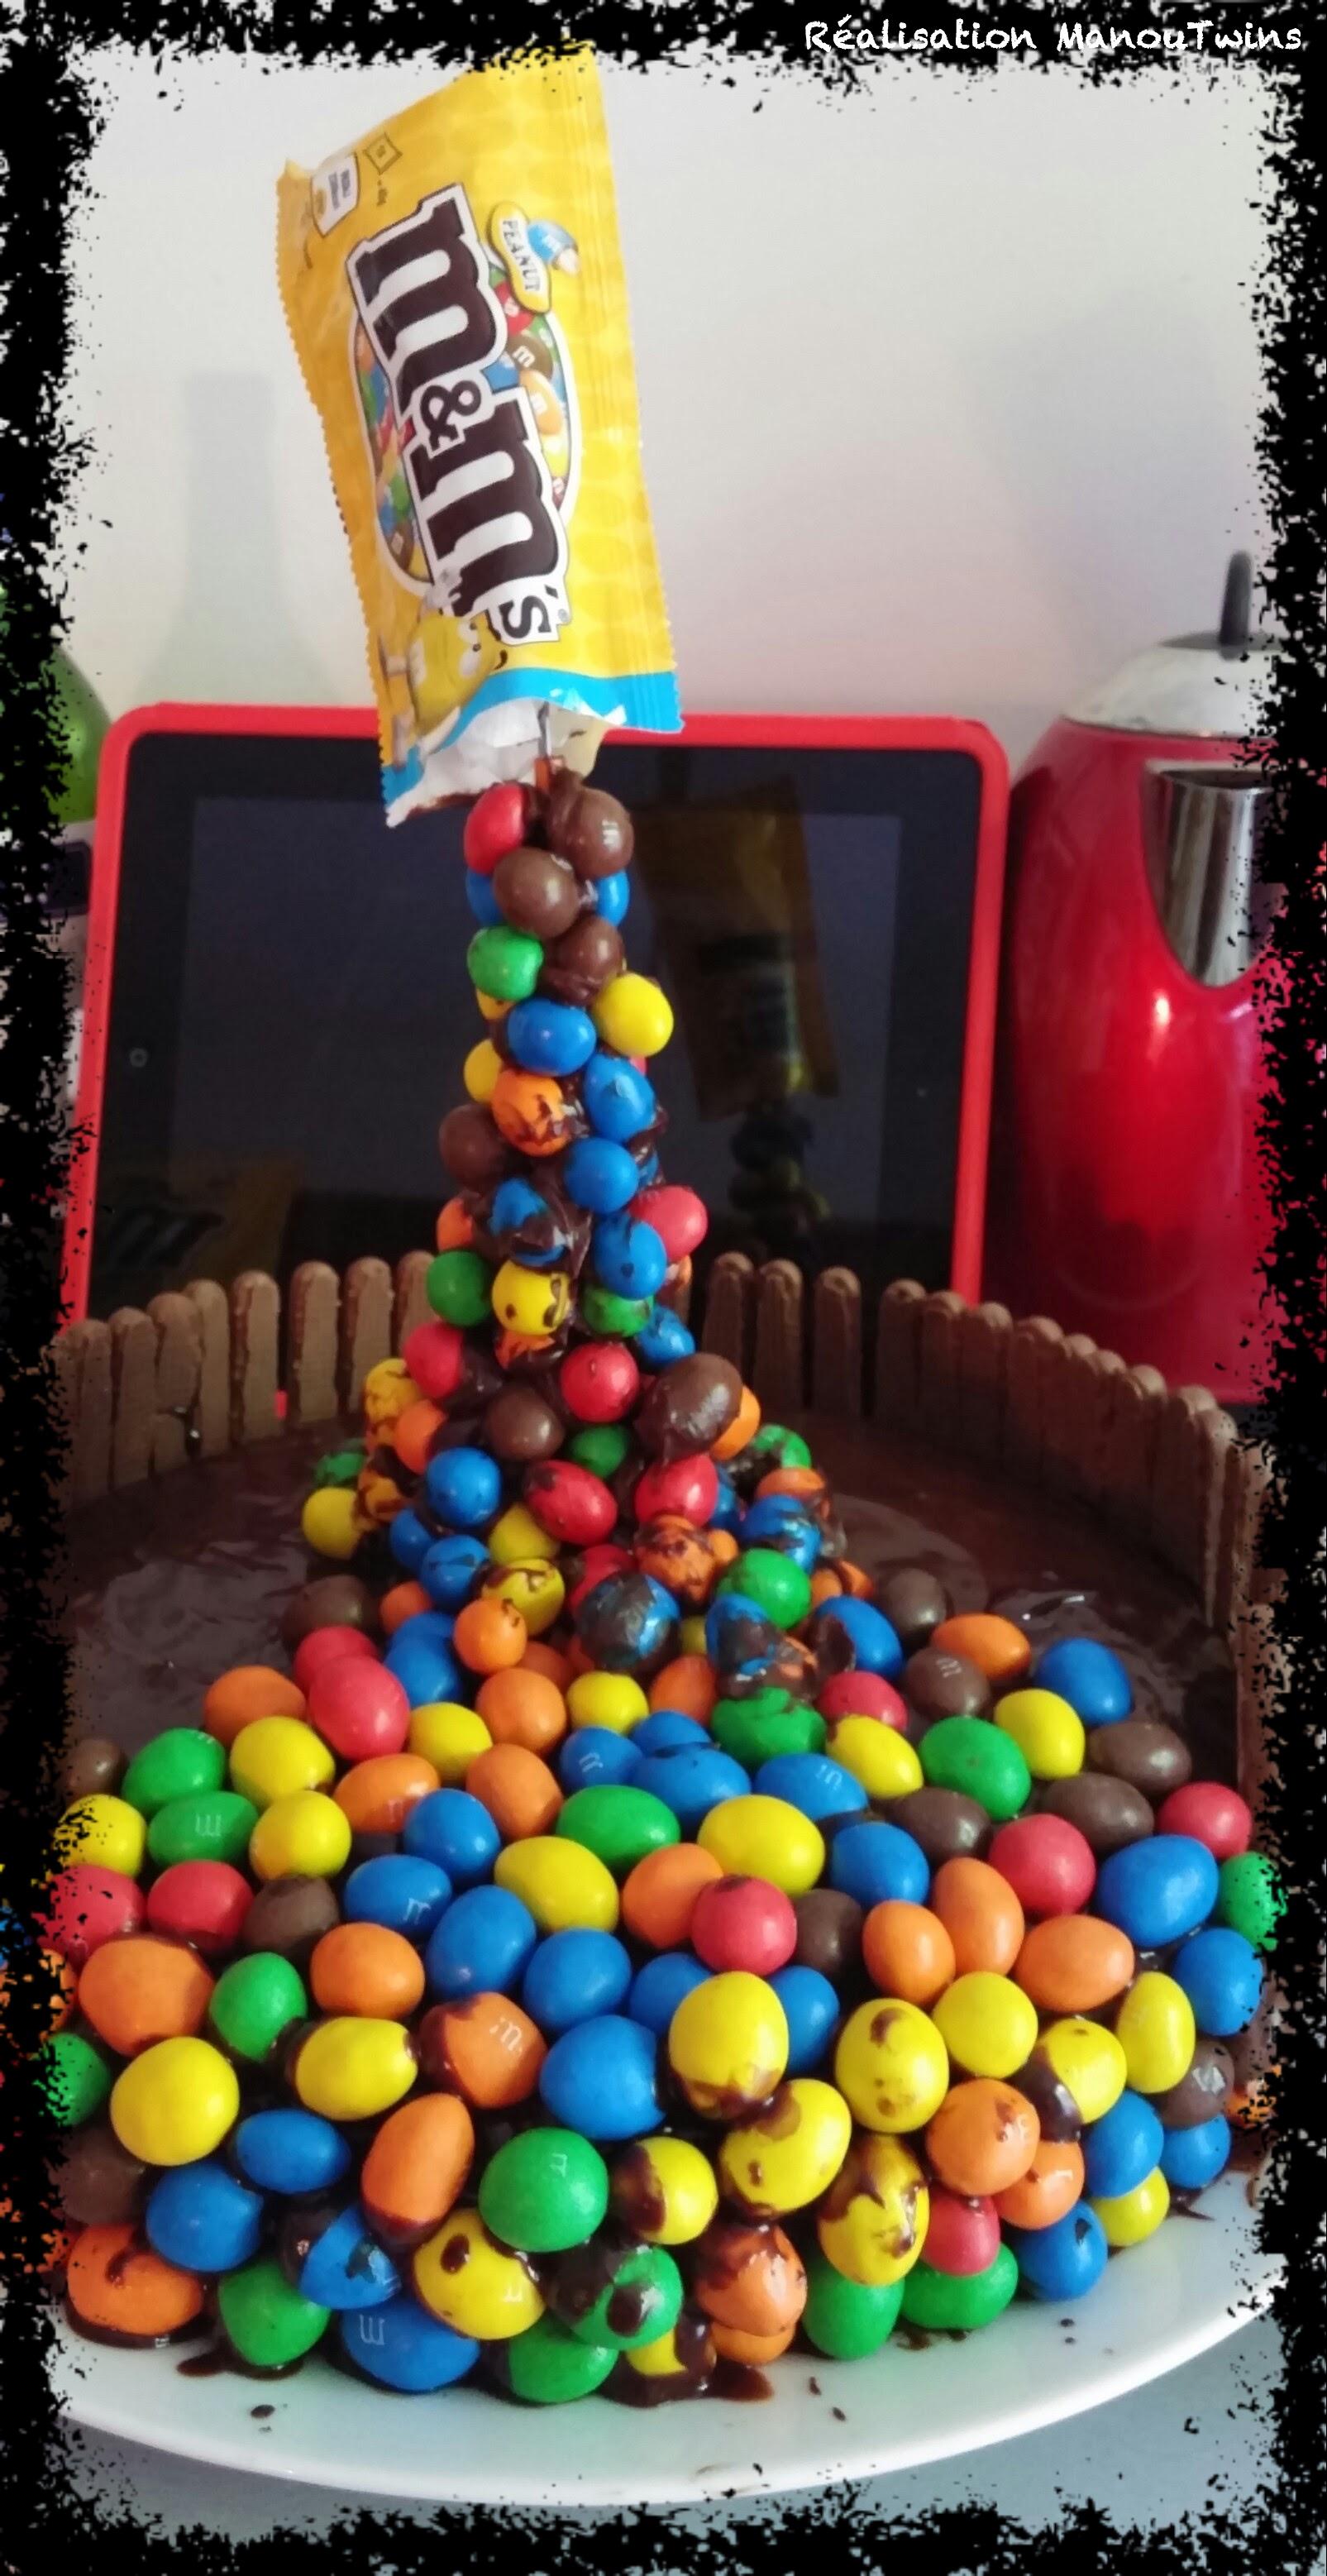 Le gravity cake ou le gâteau suspendu